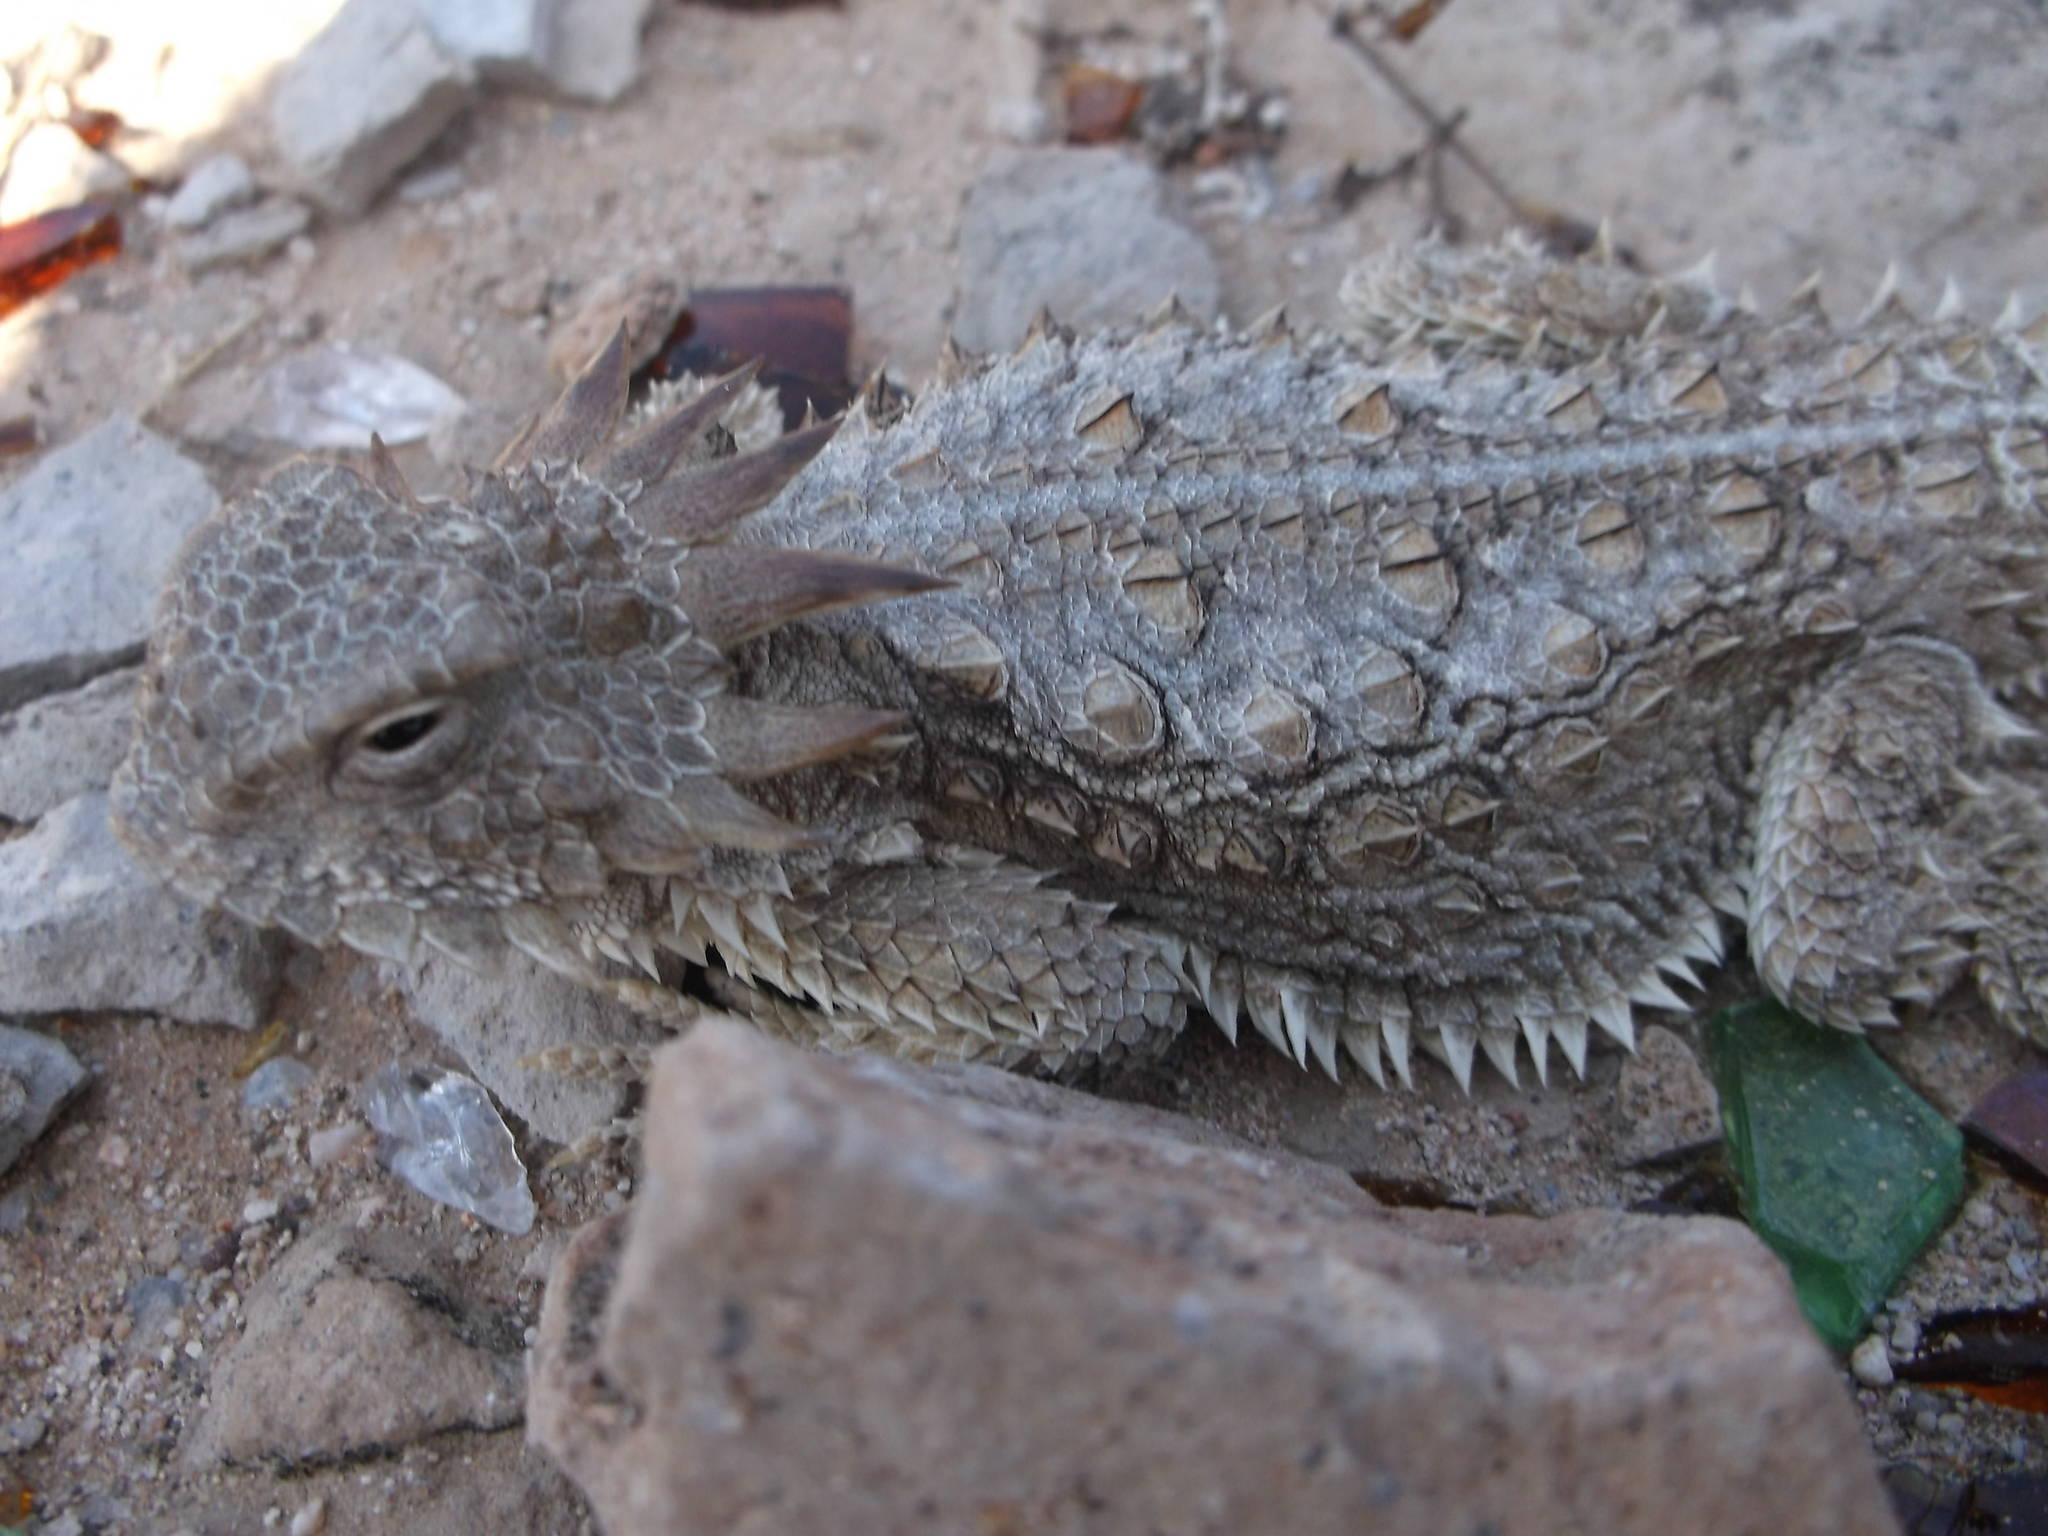 Big ass lizard